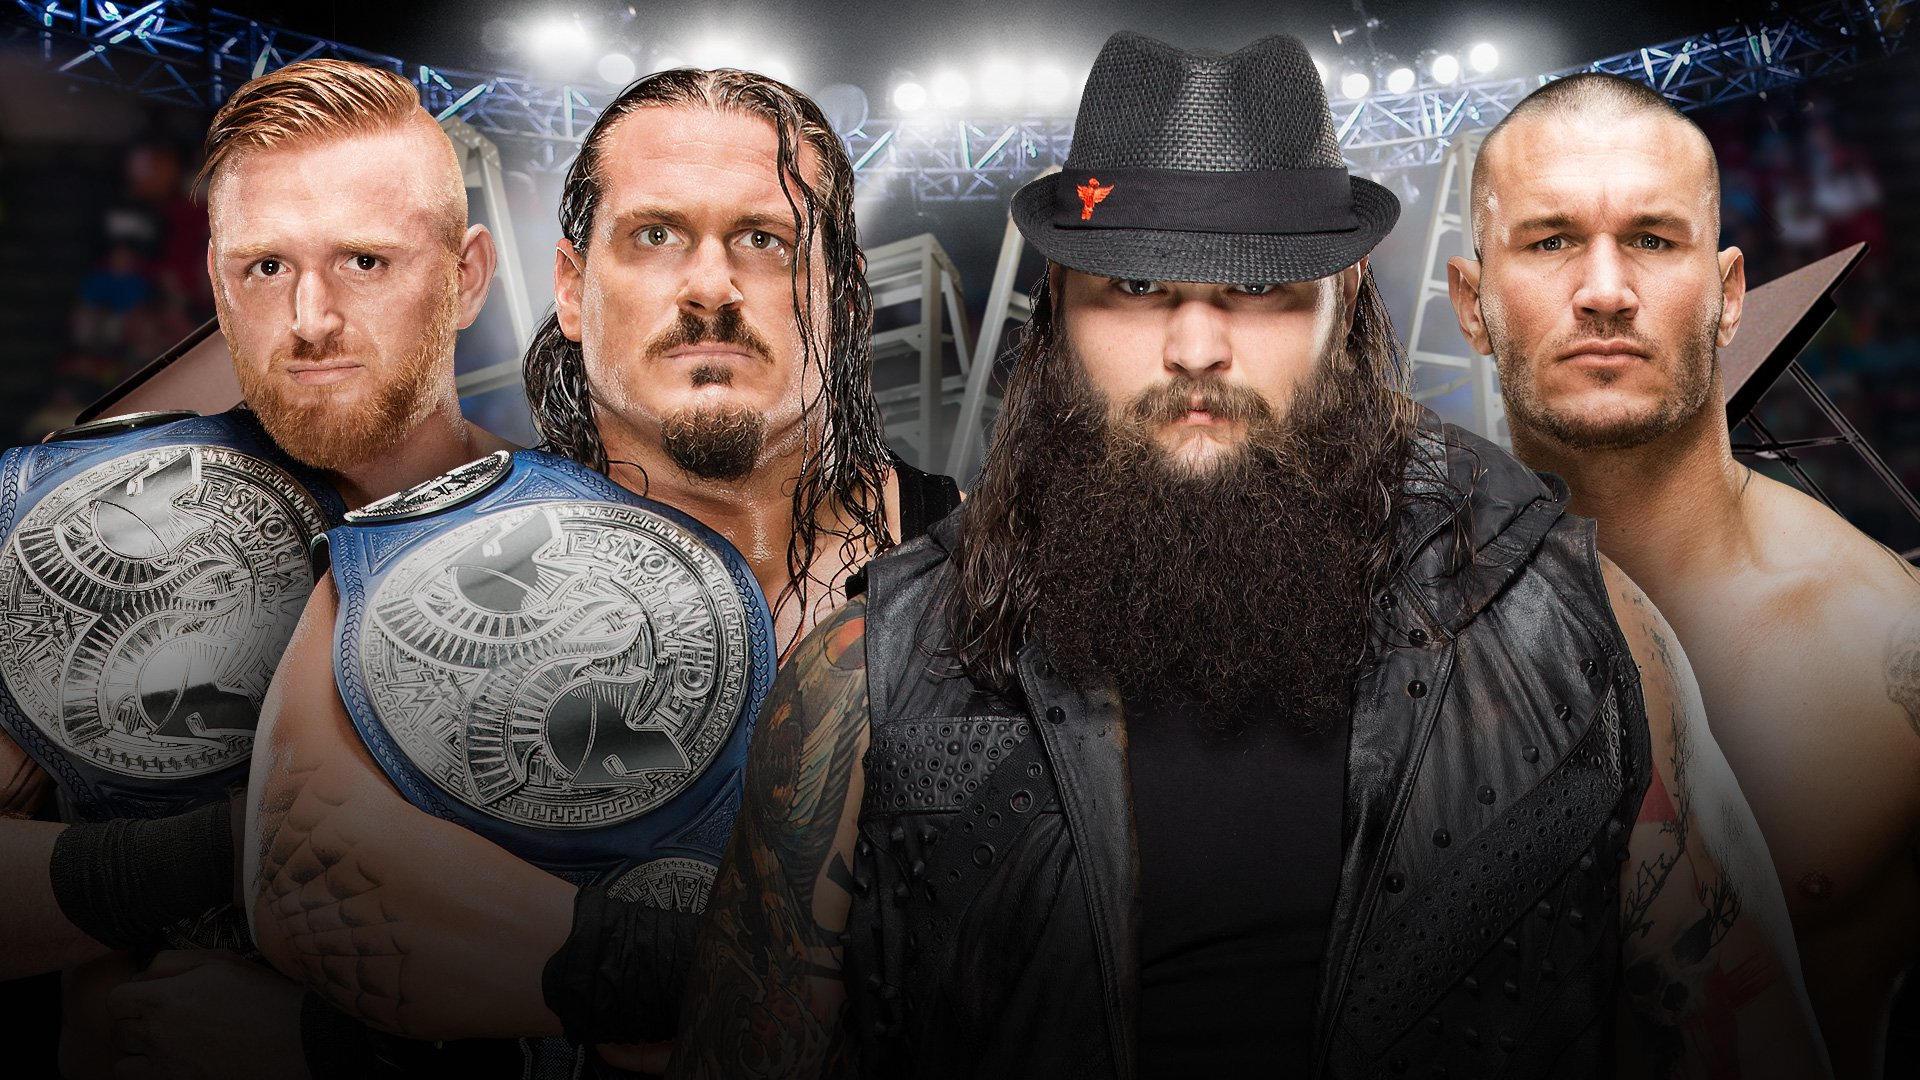 WWE TLC - DECEMBER 4 - DALLAS, TEXAS 20161129_TLC_Match_Tagteam--41bf421de93e2d5ef368bacb9b8425f3